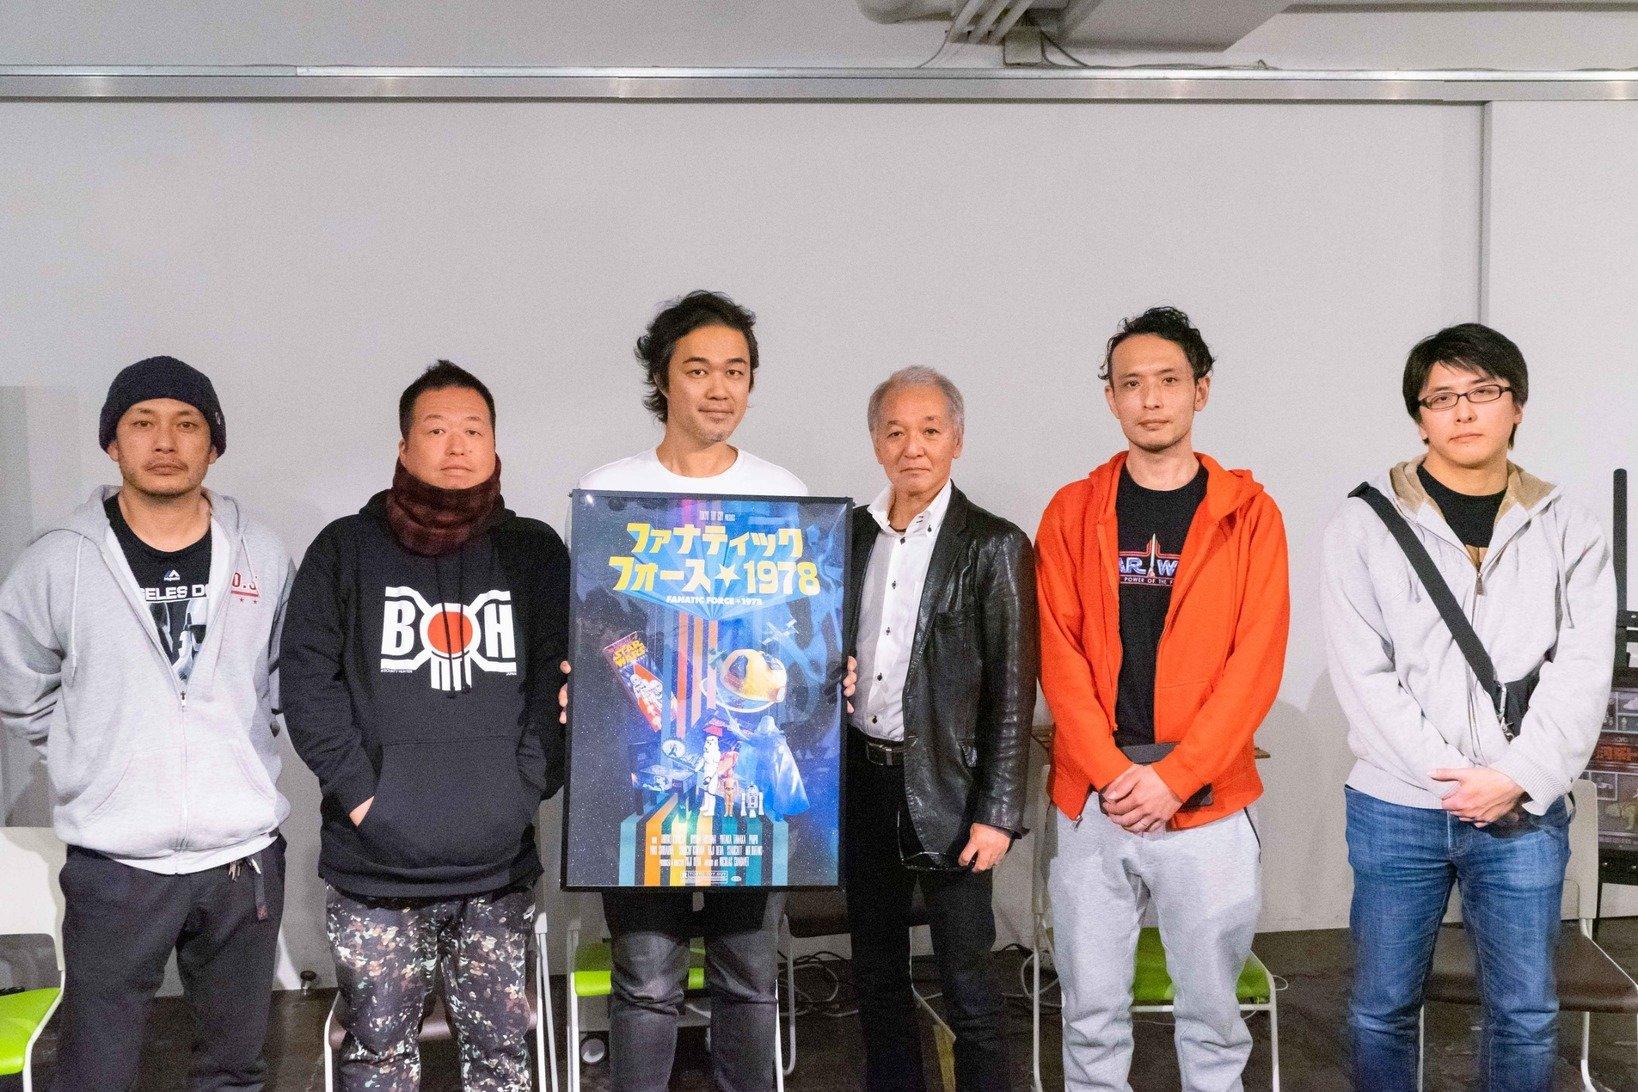 写真・左から木村さん、STARCOTTさん、上田さん、大滝さん、龍馬さん、菊池さん。